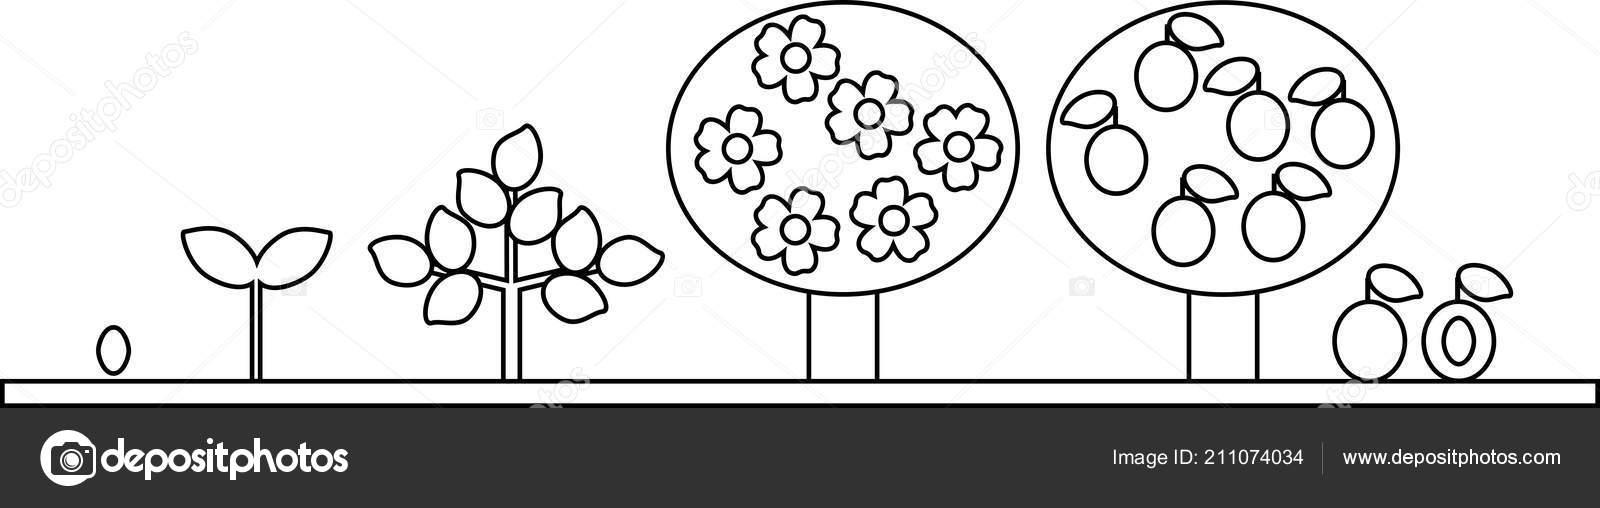 Boyama Sayfası Erik Ağacı Yaşam Döngüsü Tohumdan Büyüme